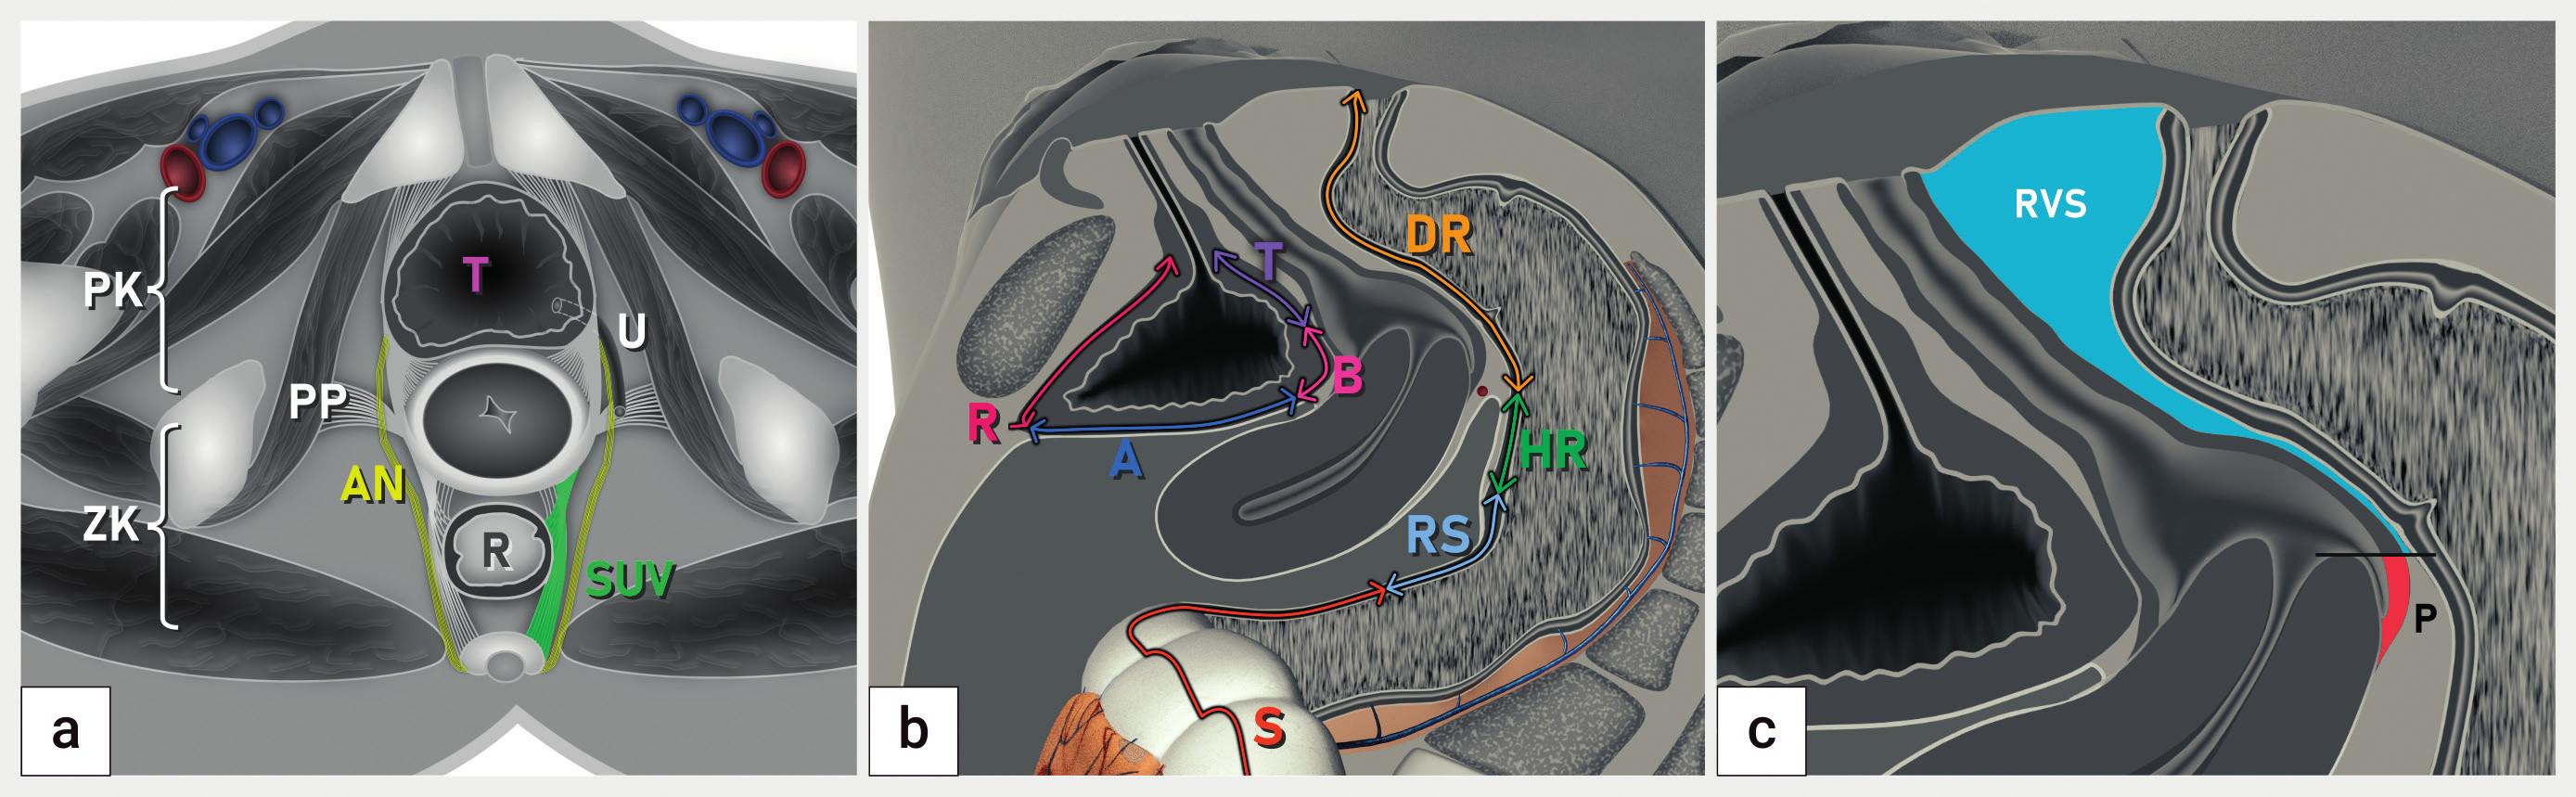 Lokalizace hluboké endometriózy podle doporučení IDEA<br> Schéma koronárního řezu pánví (a), sagitálního řezu se zobrazením anatomických struktur močového měchýře a rekta (b) a sagitálního řezu pánví se zobrazením zadní stěny pochvy a rektovaginálního septa A – abdominální úsek močového měchýře (vertex), B – baze močového měchýře, DR – dolní rektum, HR – horní rektum, P – pochva, PK – přední kompartment, PP – postranní parametria, R – retroperitoneální část močového měchýře, RS – rektosigmoideum, RVS – rektovaginální septum, S – sigmoideum, SUV – sakrouterinní vazy, T – trigonum močového měchýře, U – ureter; ZK – zadní kompartment